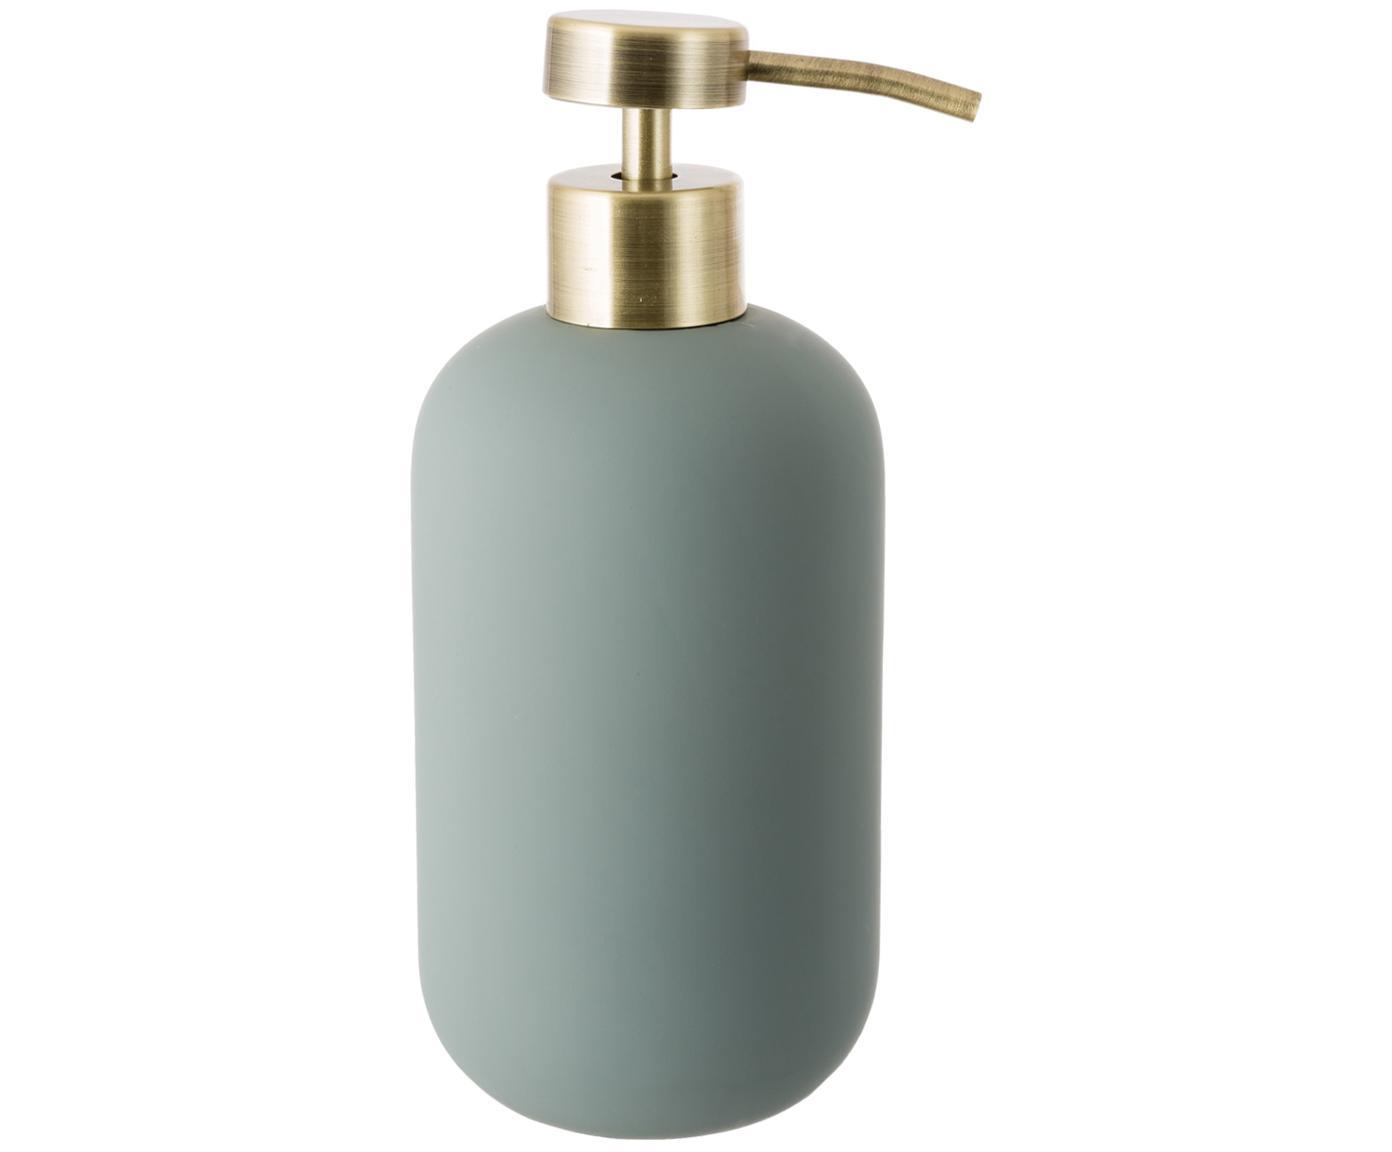 Dosificador de jabón Lotus, Recipiente: cerámica, Dosificador: metal, Verde, latón, Ø 8 x Al 18 cm